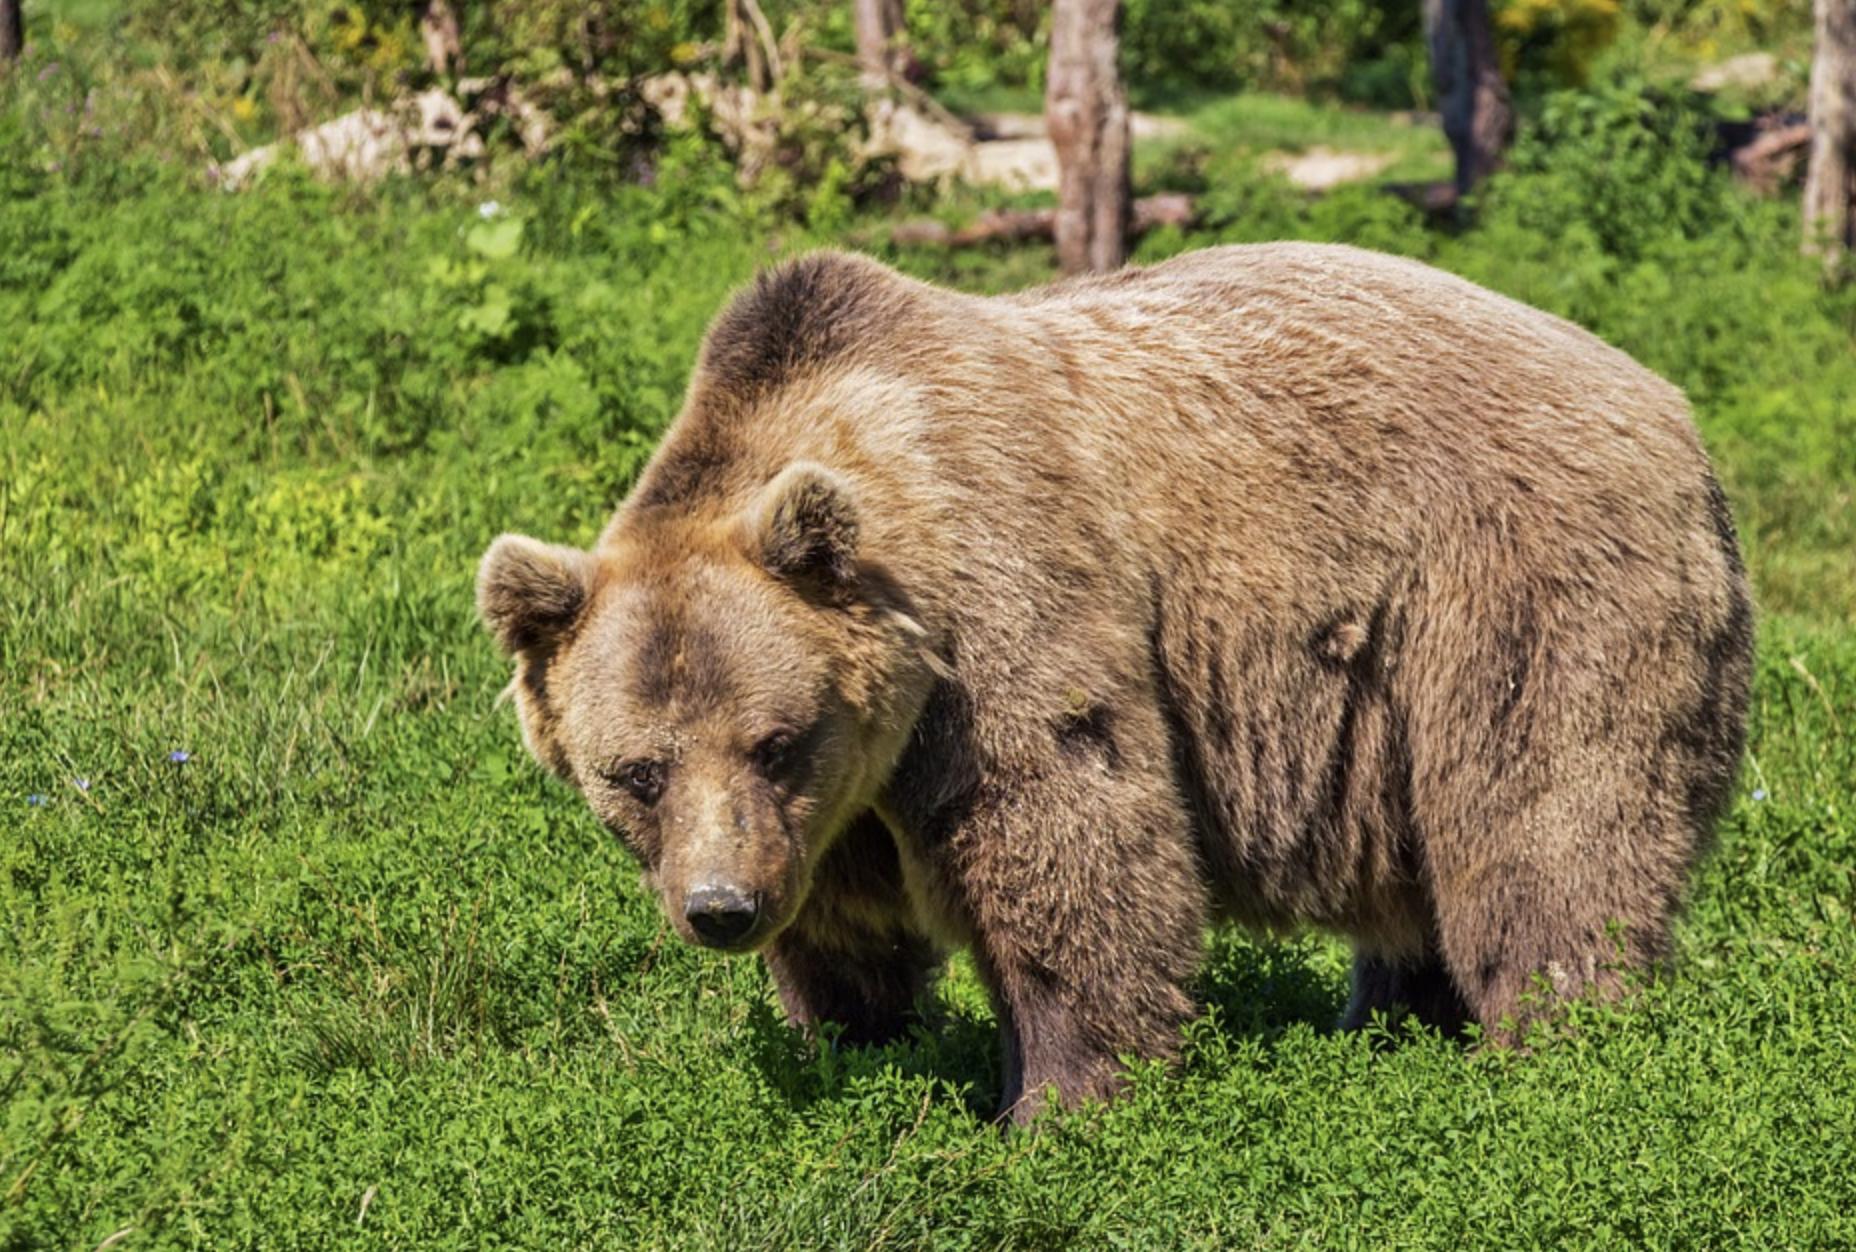 ニュージーランドの危険生物は?山に熊もいるの?!